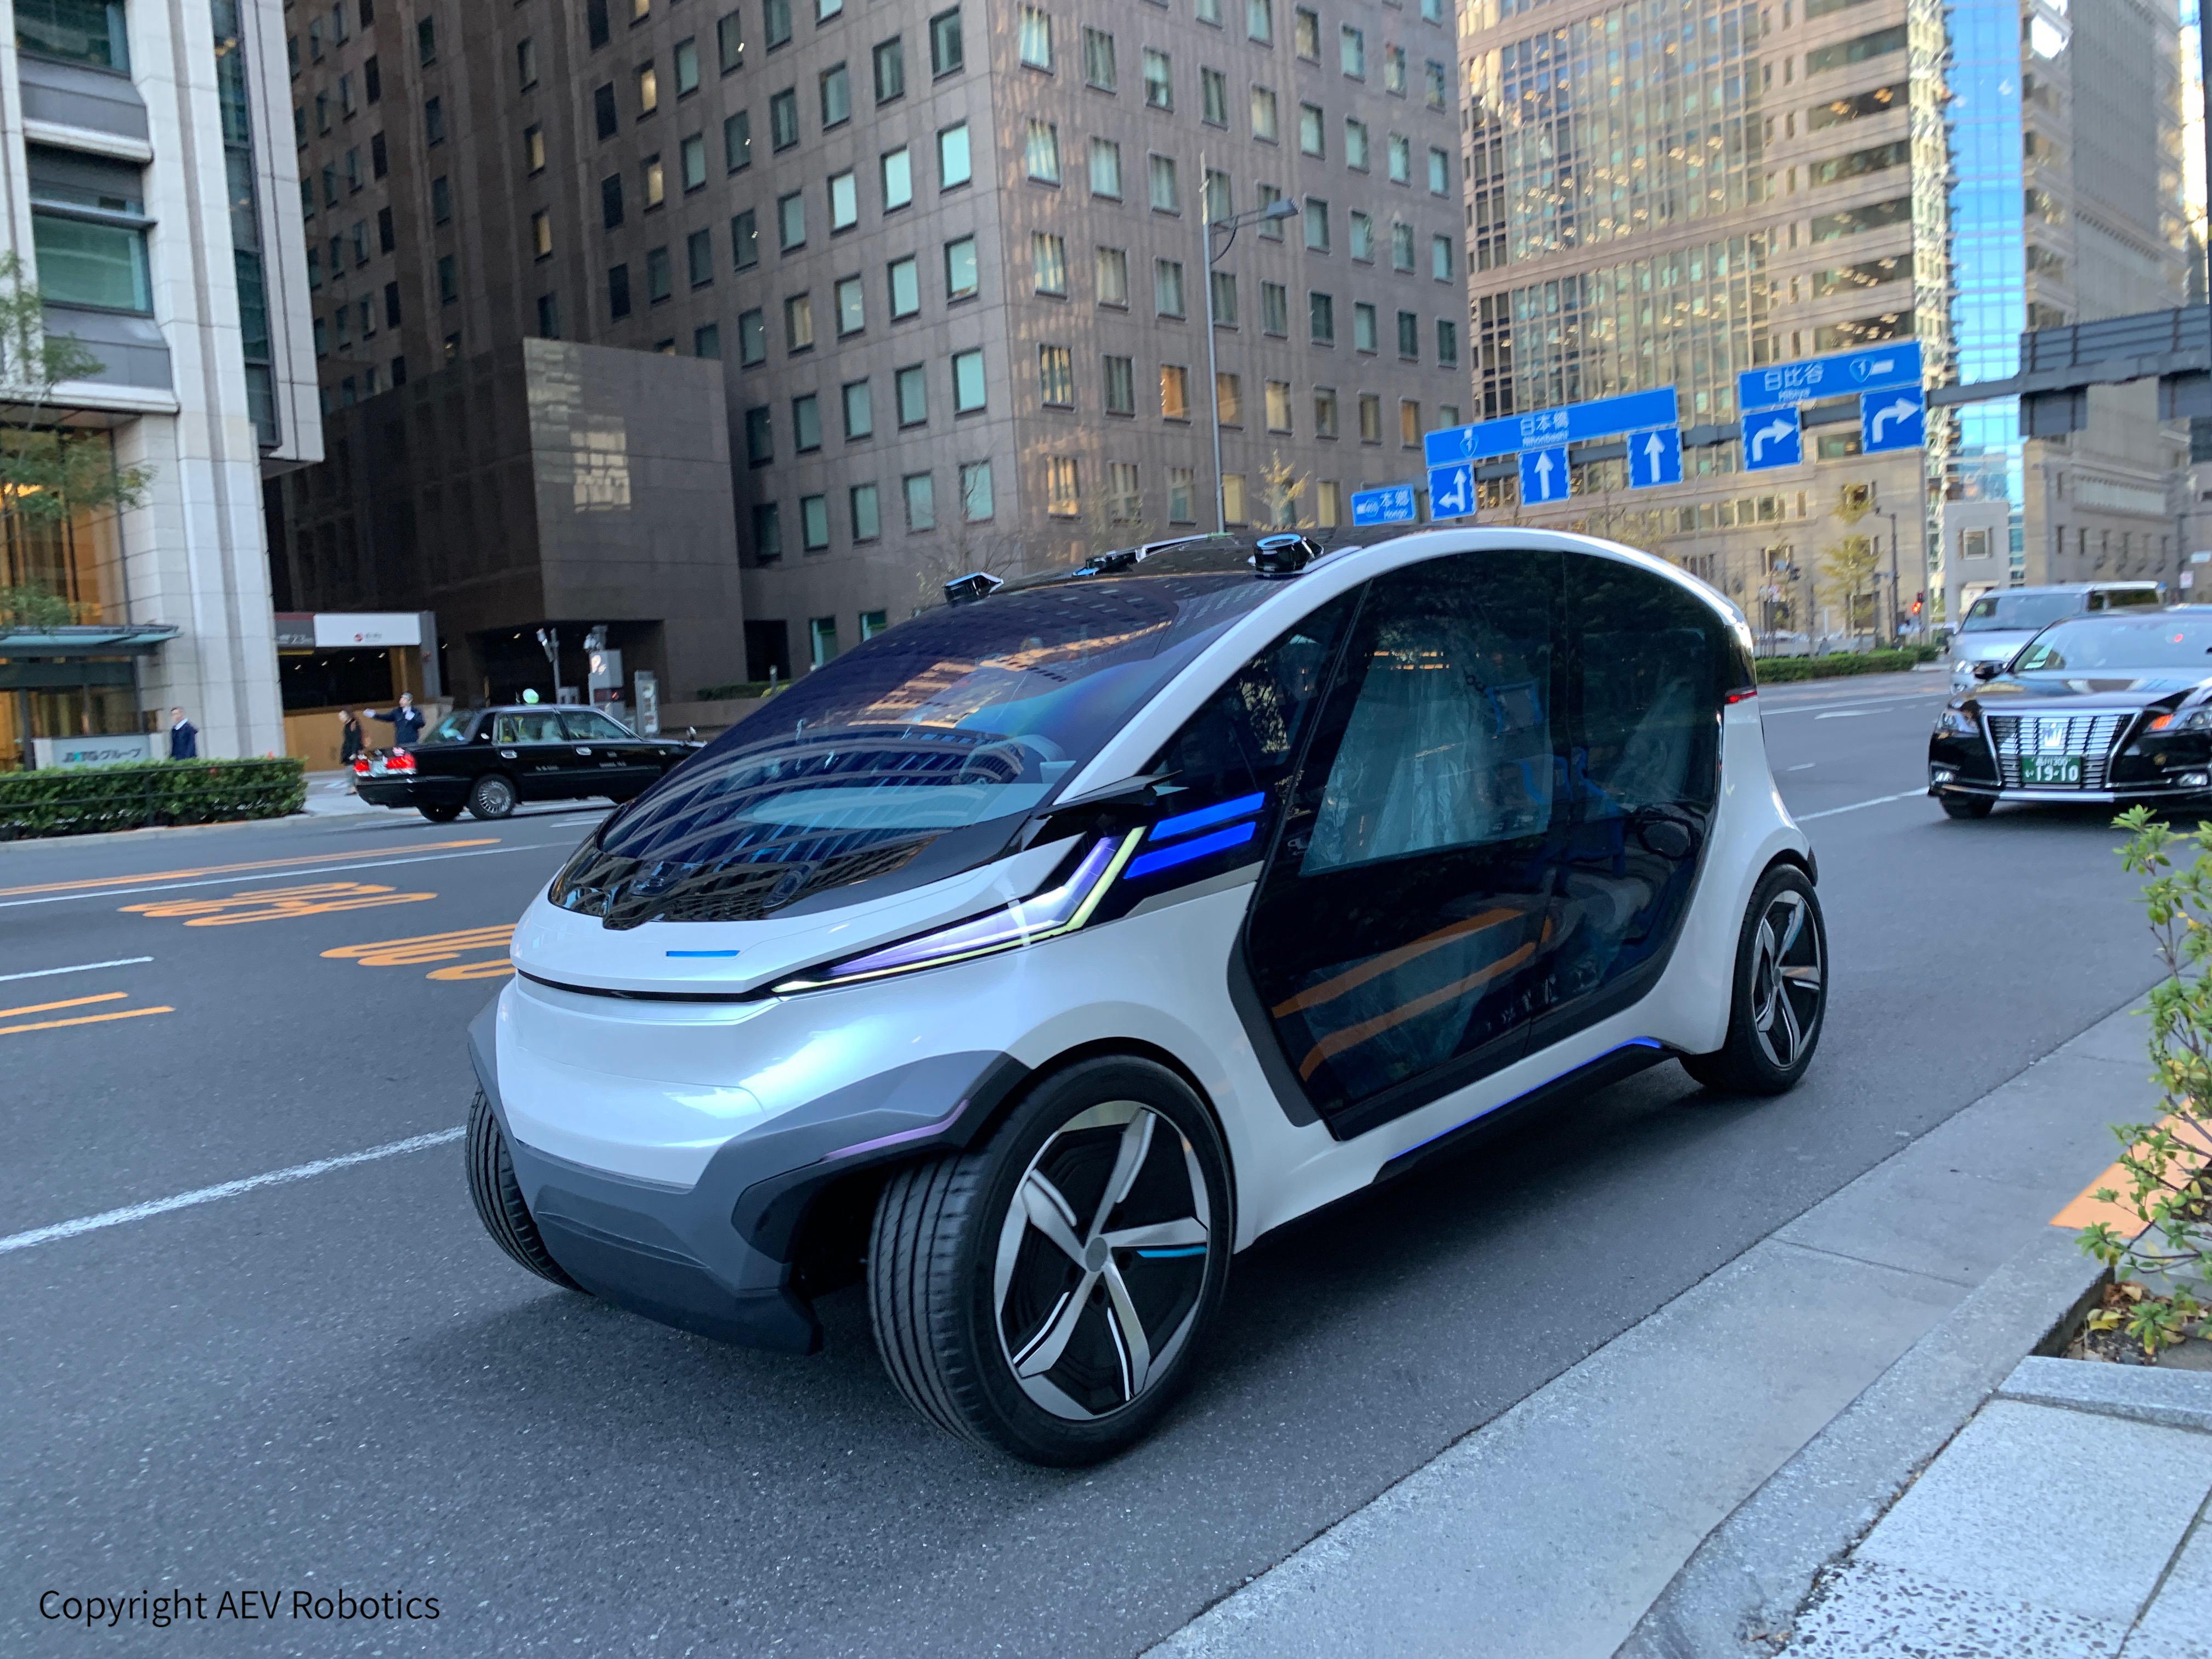 AEV Robotics e il veicolo modulare segreto | CES 2019 thumbnail